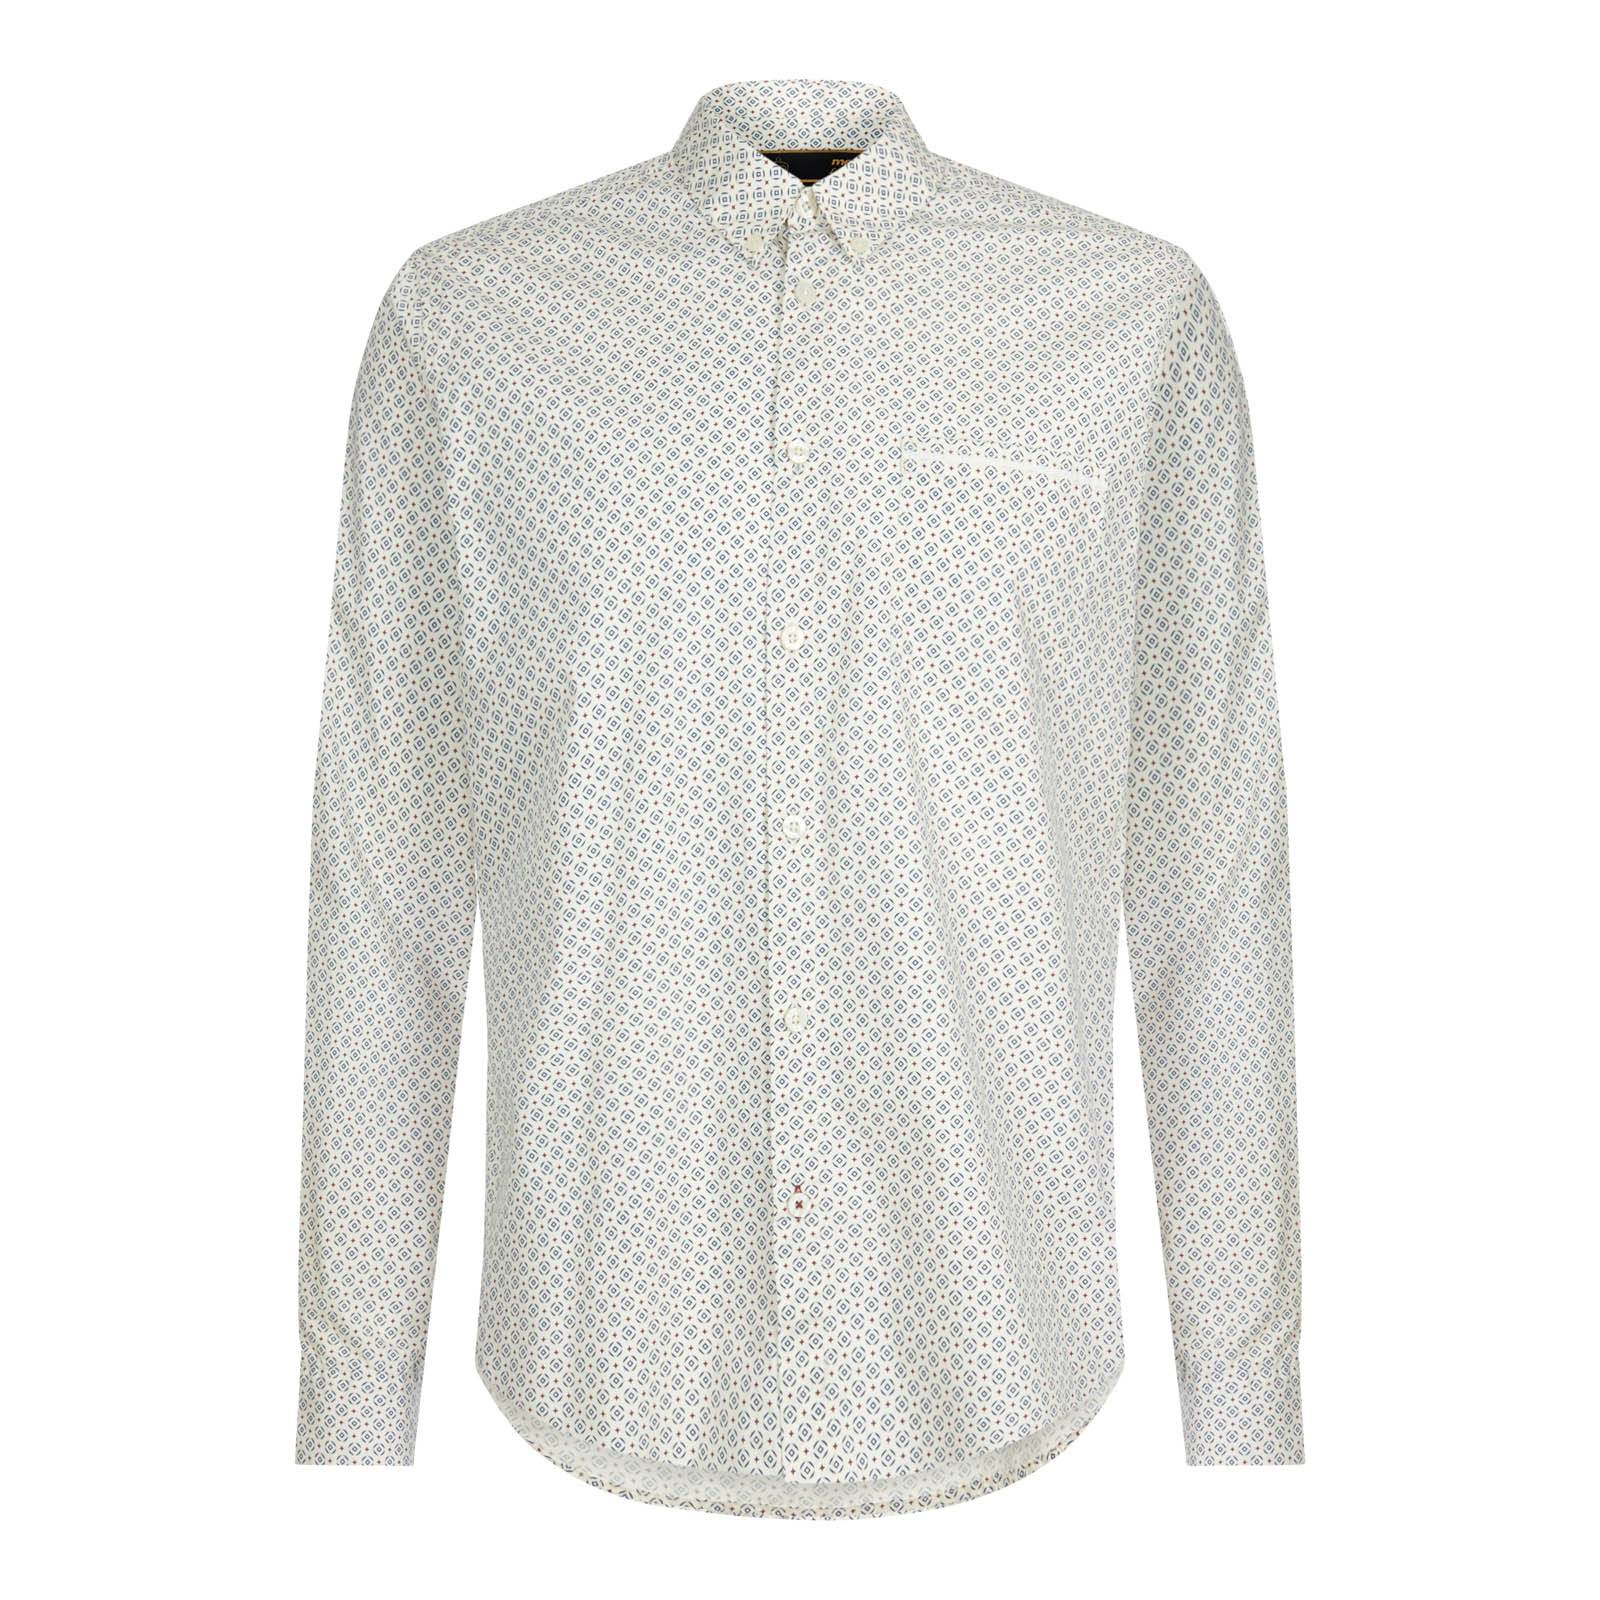 Рубашка LouthСлайдер на главной<br>Мужская рубашка покроя slim-fit, пошитая из мягкой и приятной на ощупь хлопчатобумажной ткани поплин. Эффектный геометрический узор напоминает  стилизованный таргет, связывая эту модель с британской ретро модой 60-х.  Аккуратный button-down воротник идеально встраивается в V-образный вырез свитеров и кардиганов. Также данную рубашку можно красиво комбинировать с преппи блейзерами, Tonics Suit и макинтошем. Брендирована фирменным логотипом Корона, вышитым на фигурной планке правого рукава. Удлиненная спинка позволяет с комфортом заправлять рубашку в брюки: выбрав в качестве низа брючную модель Sta-Prest в комбинации с остроносой обувью Челси можно создать фантастический образ, вдохновленной эпохой Свингующего Лондона, мод-культурой и золотой эрой британского рока.<br><br>Артикул: 1516206<br>Материал: 100% хлопок<br>Цвет: винтажный белый<br>Пол: Мужской